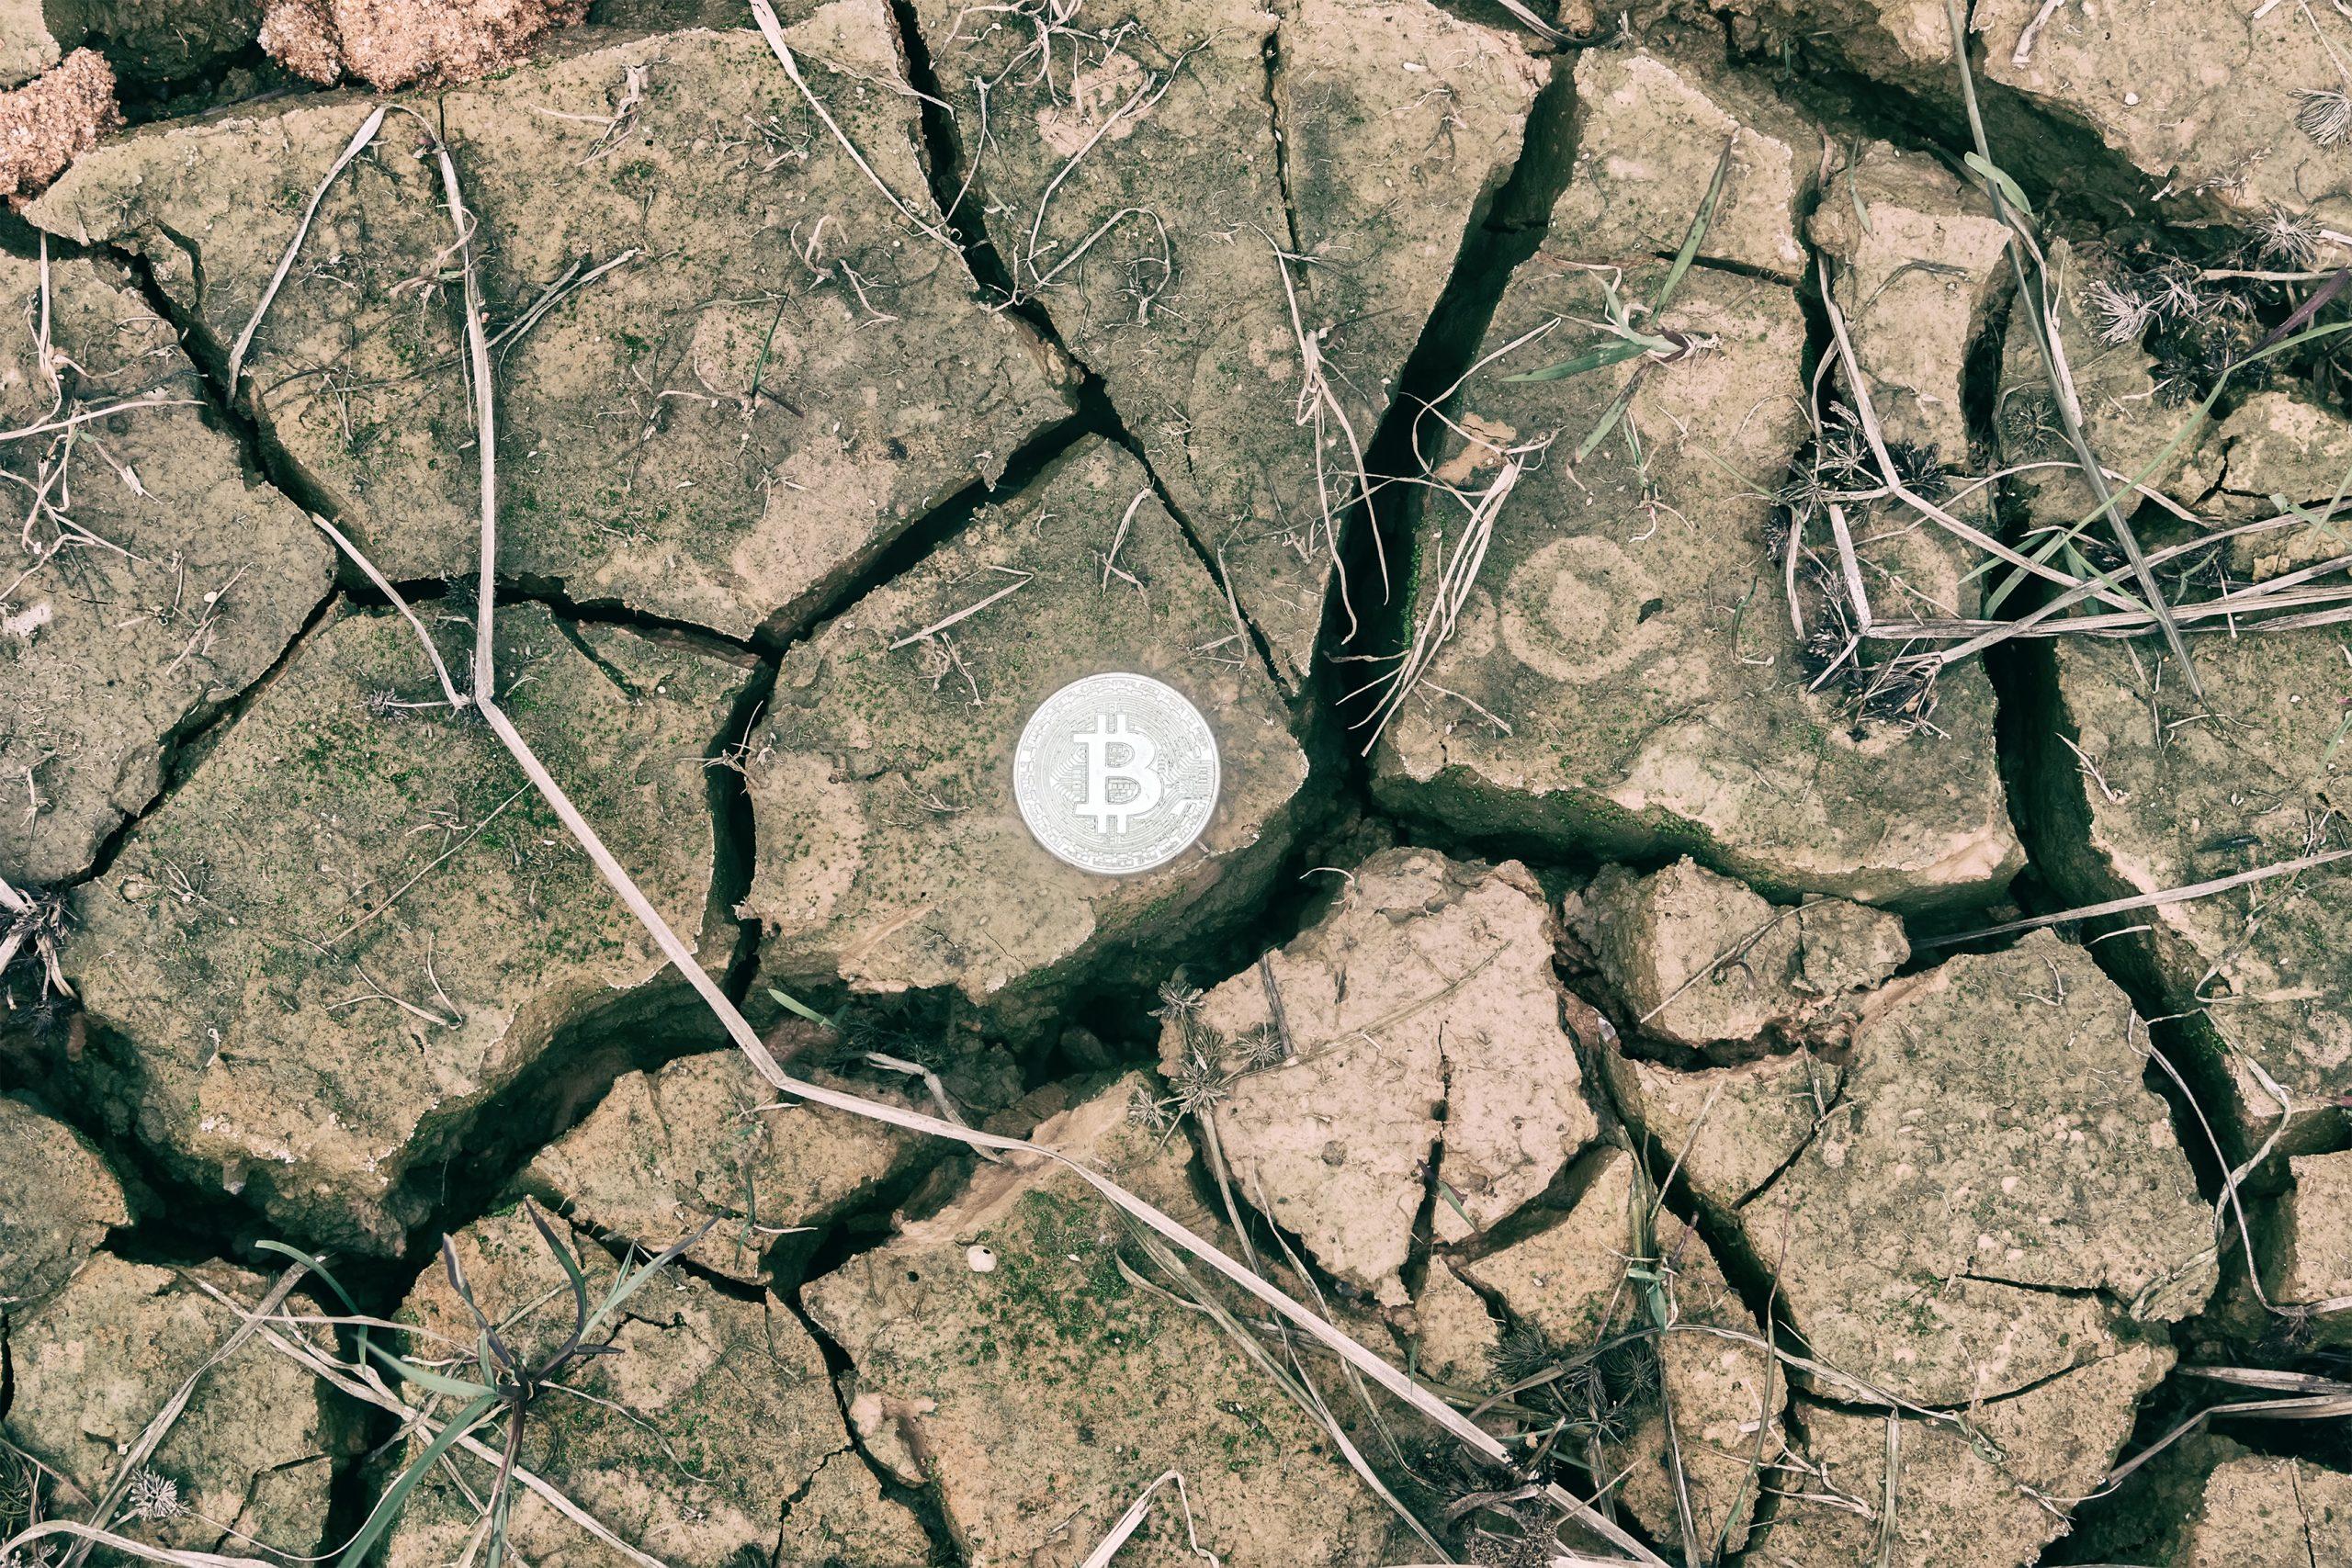 Gambar 1 Ilustrasi Bitcoin (salah satu jenis cryptocurrency)